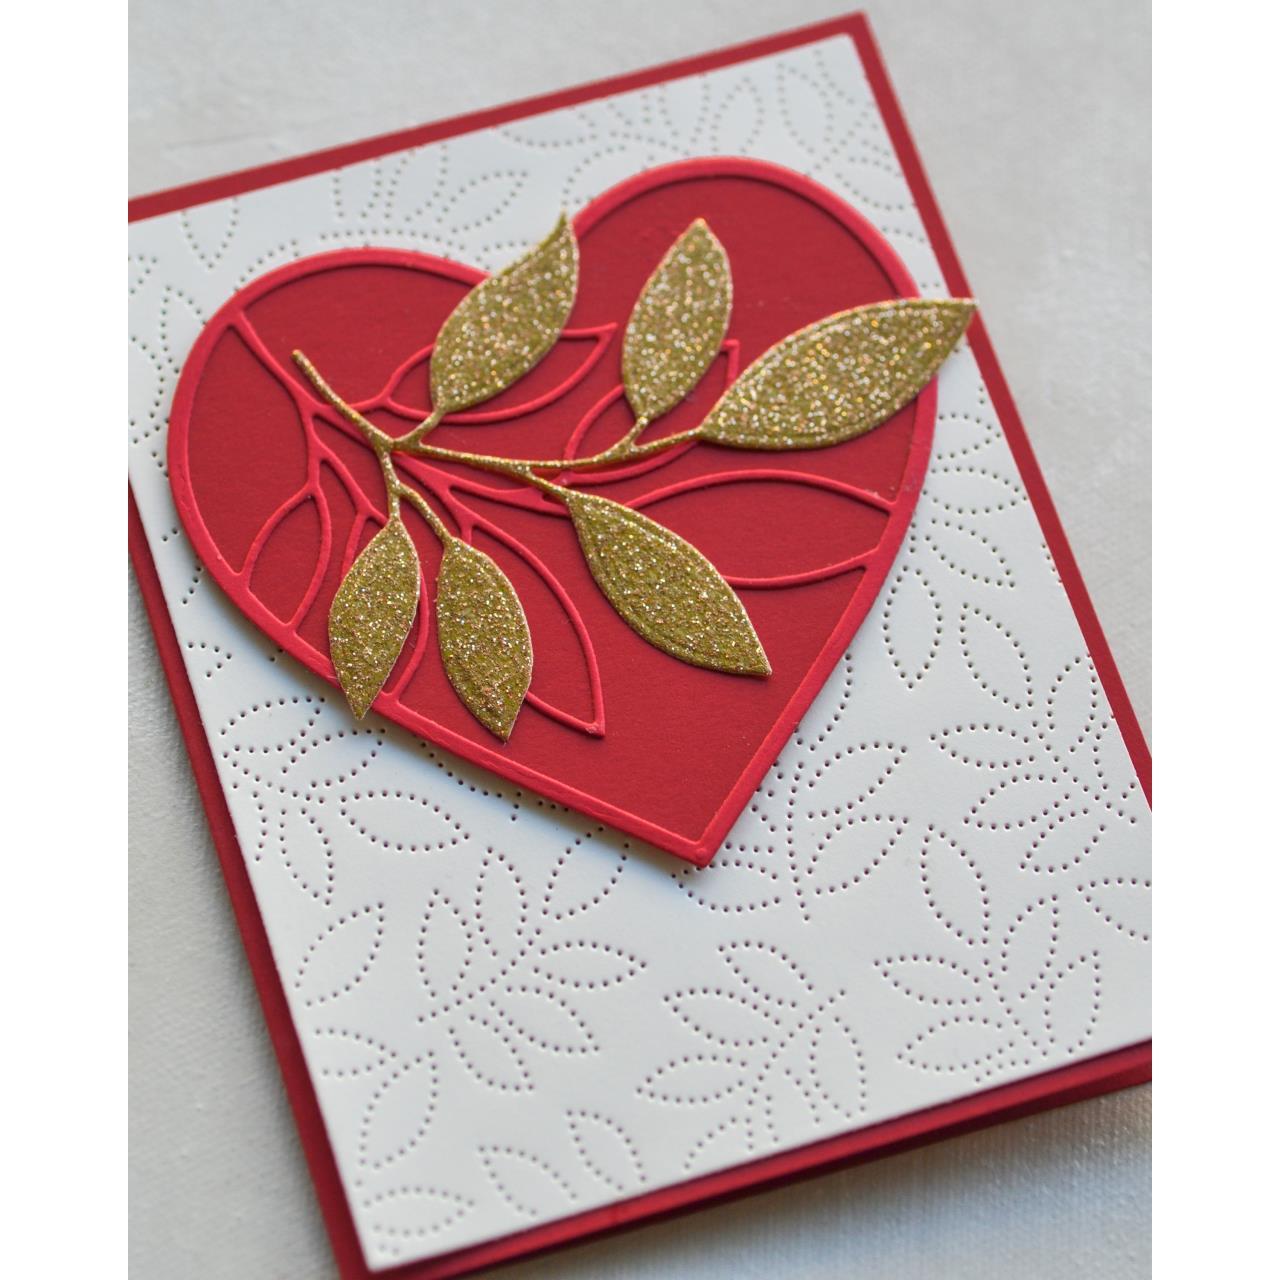 Pinpoint Leaf Plate, Memory Box Dies - 873980943816